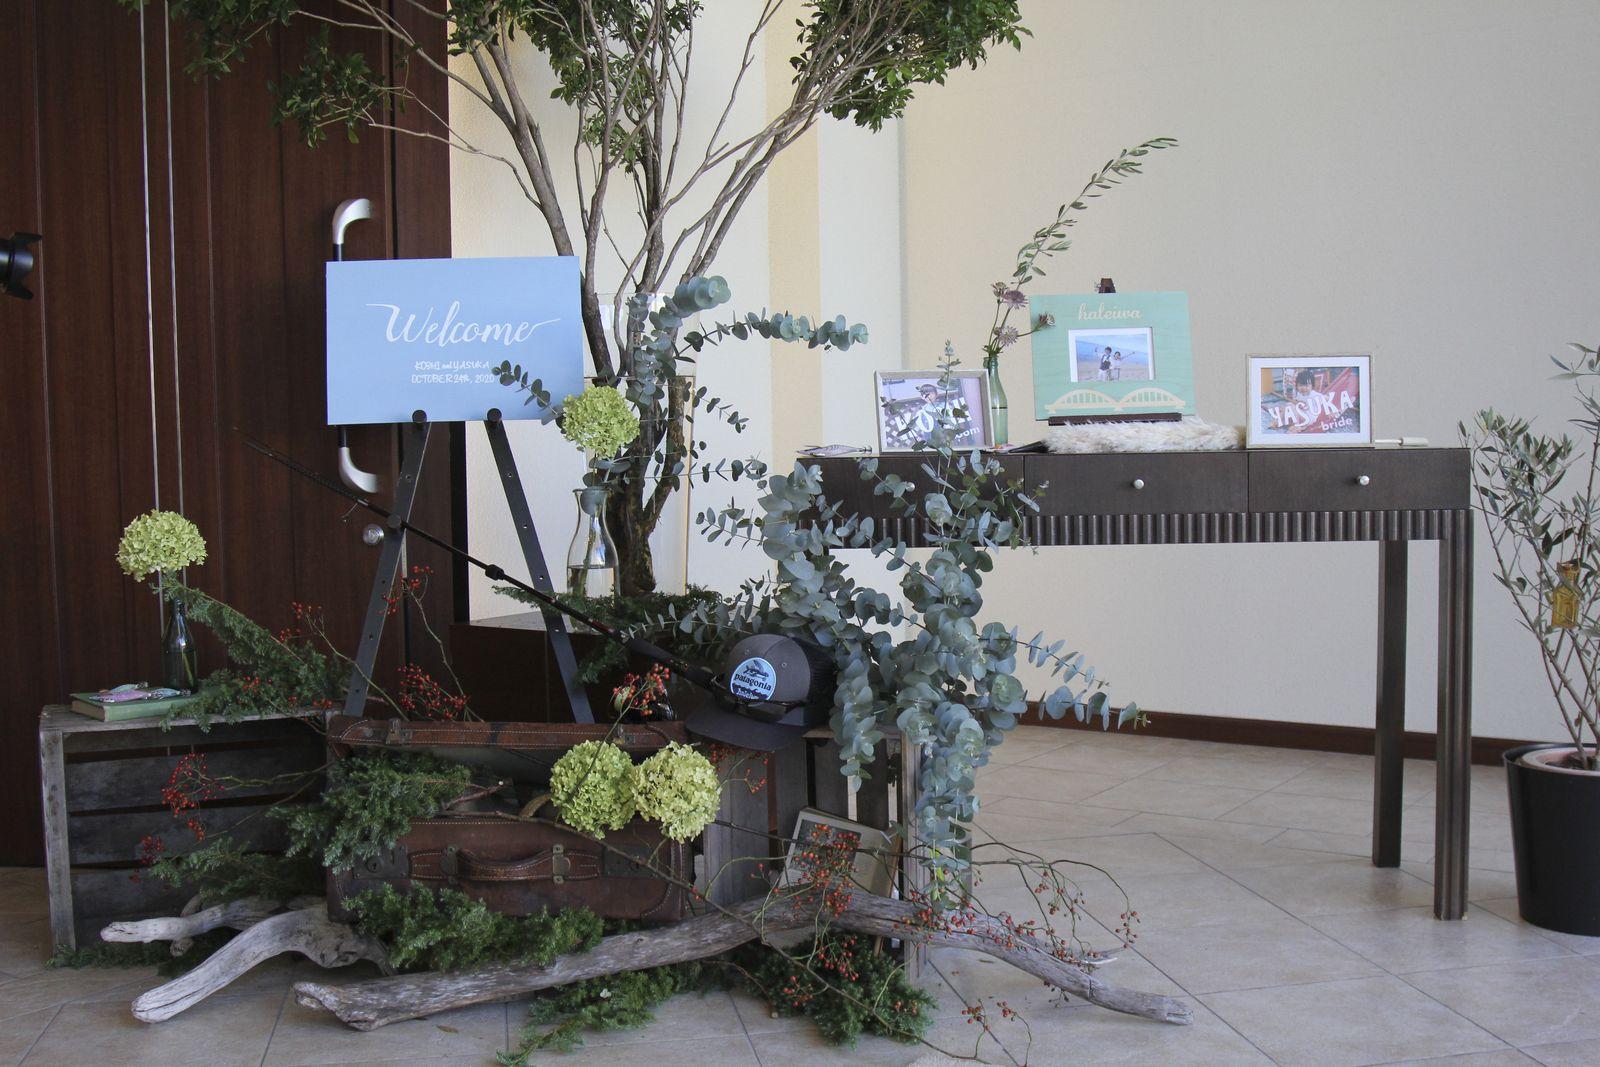 徳島市の結婚式場ブランアンジュで受付周りのウェルカムボード・グッズ